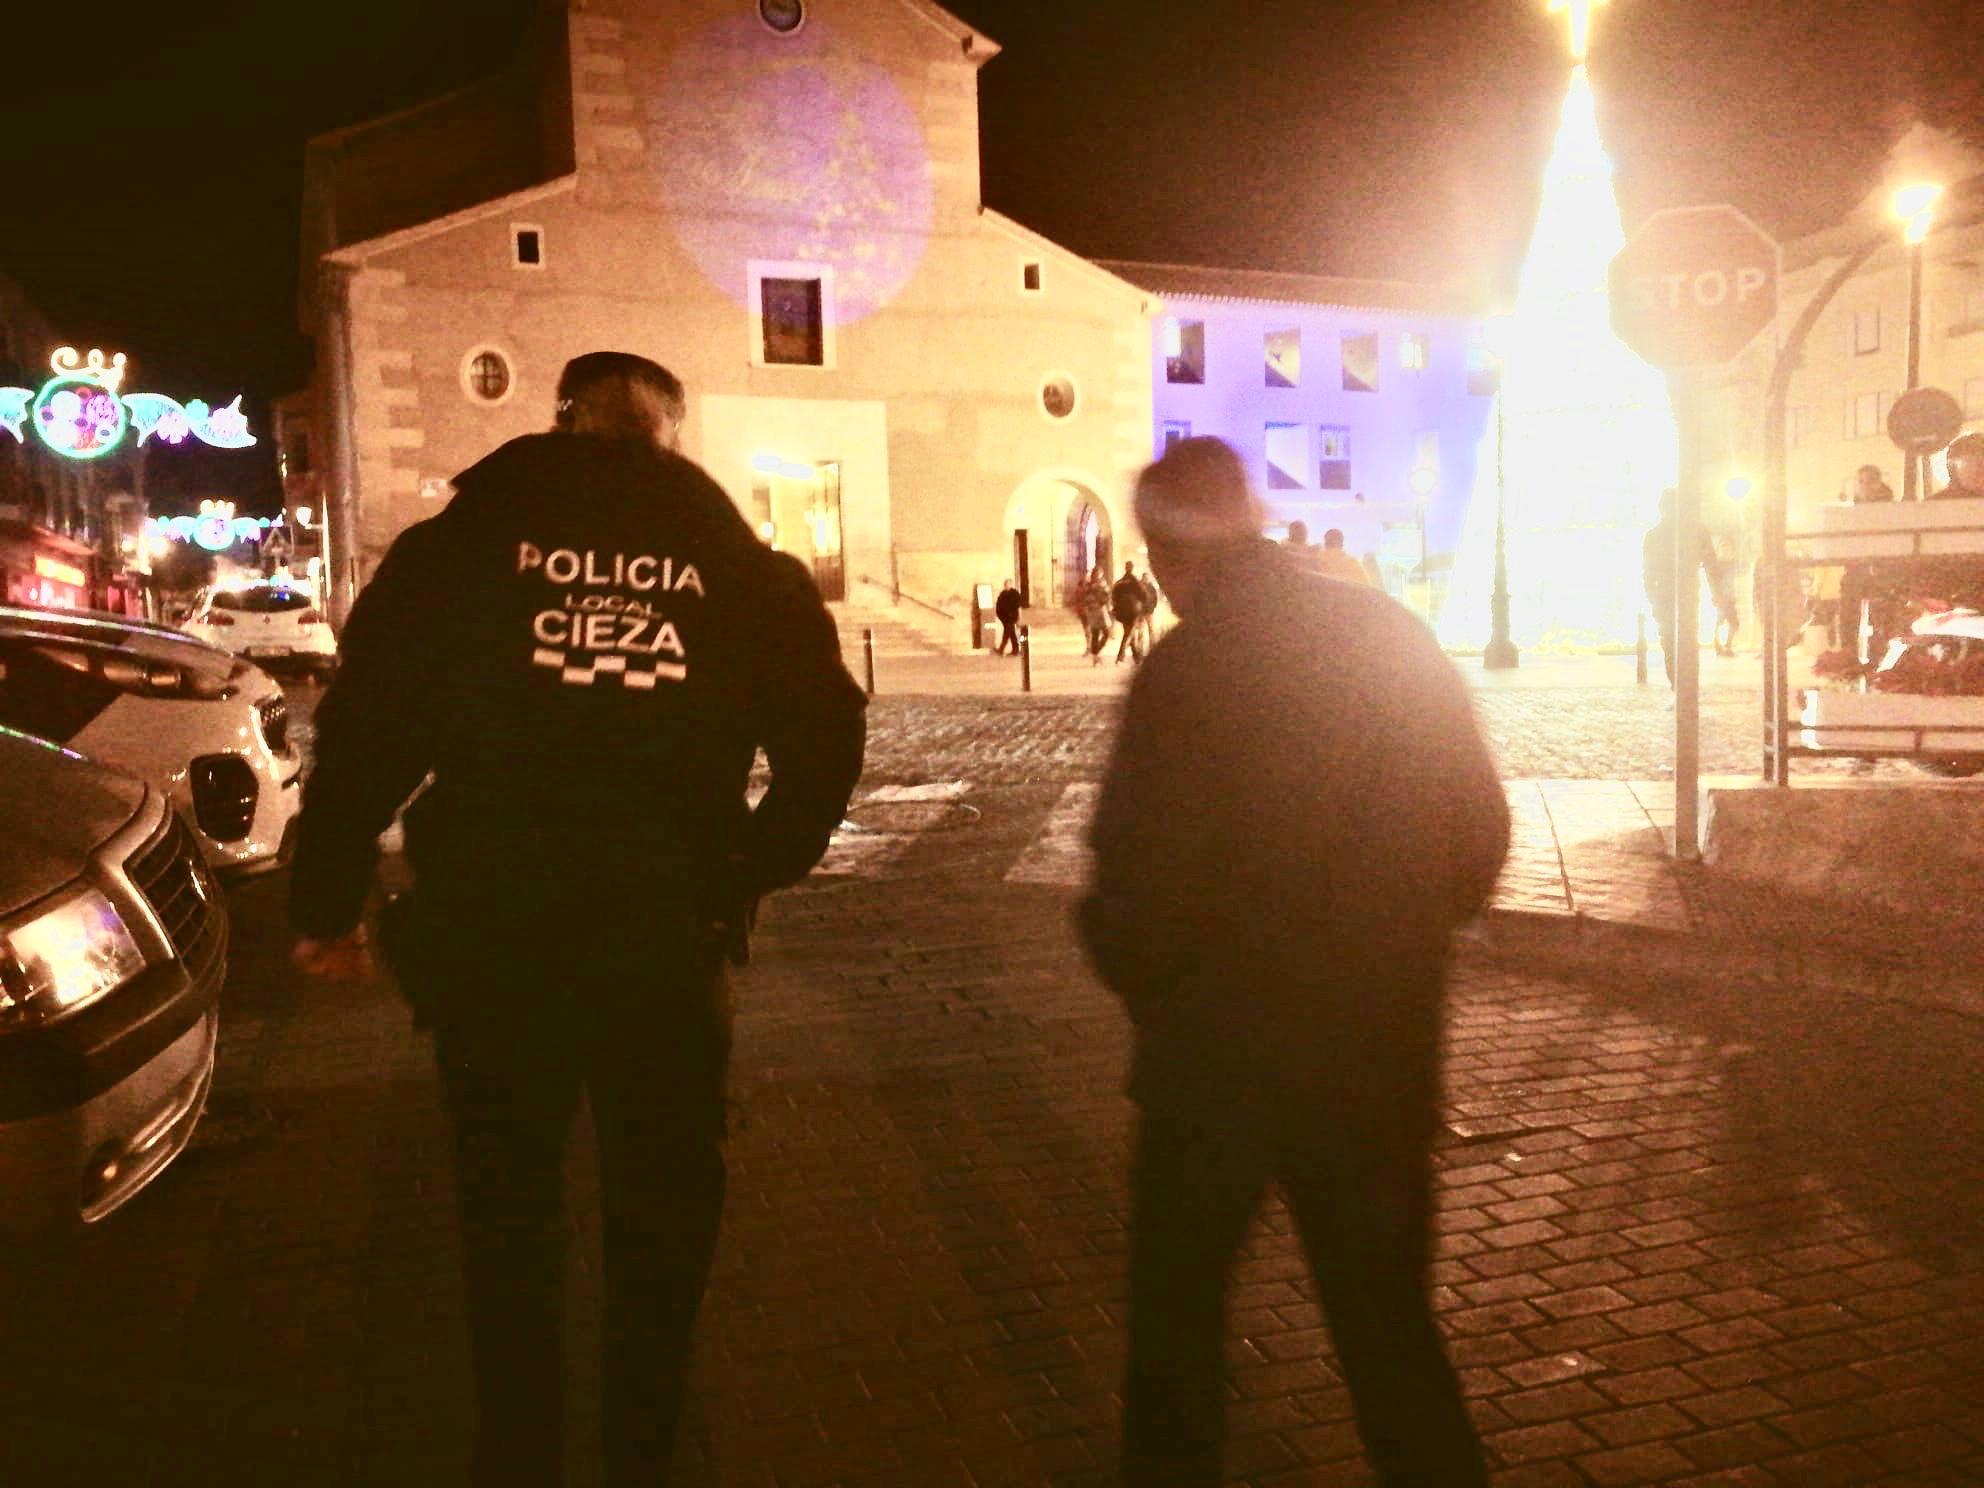 la-policia-local-de-cieza-encuentra-a-un-anciano-con-alzheimer-que-habia-desaparecido